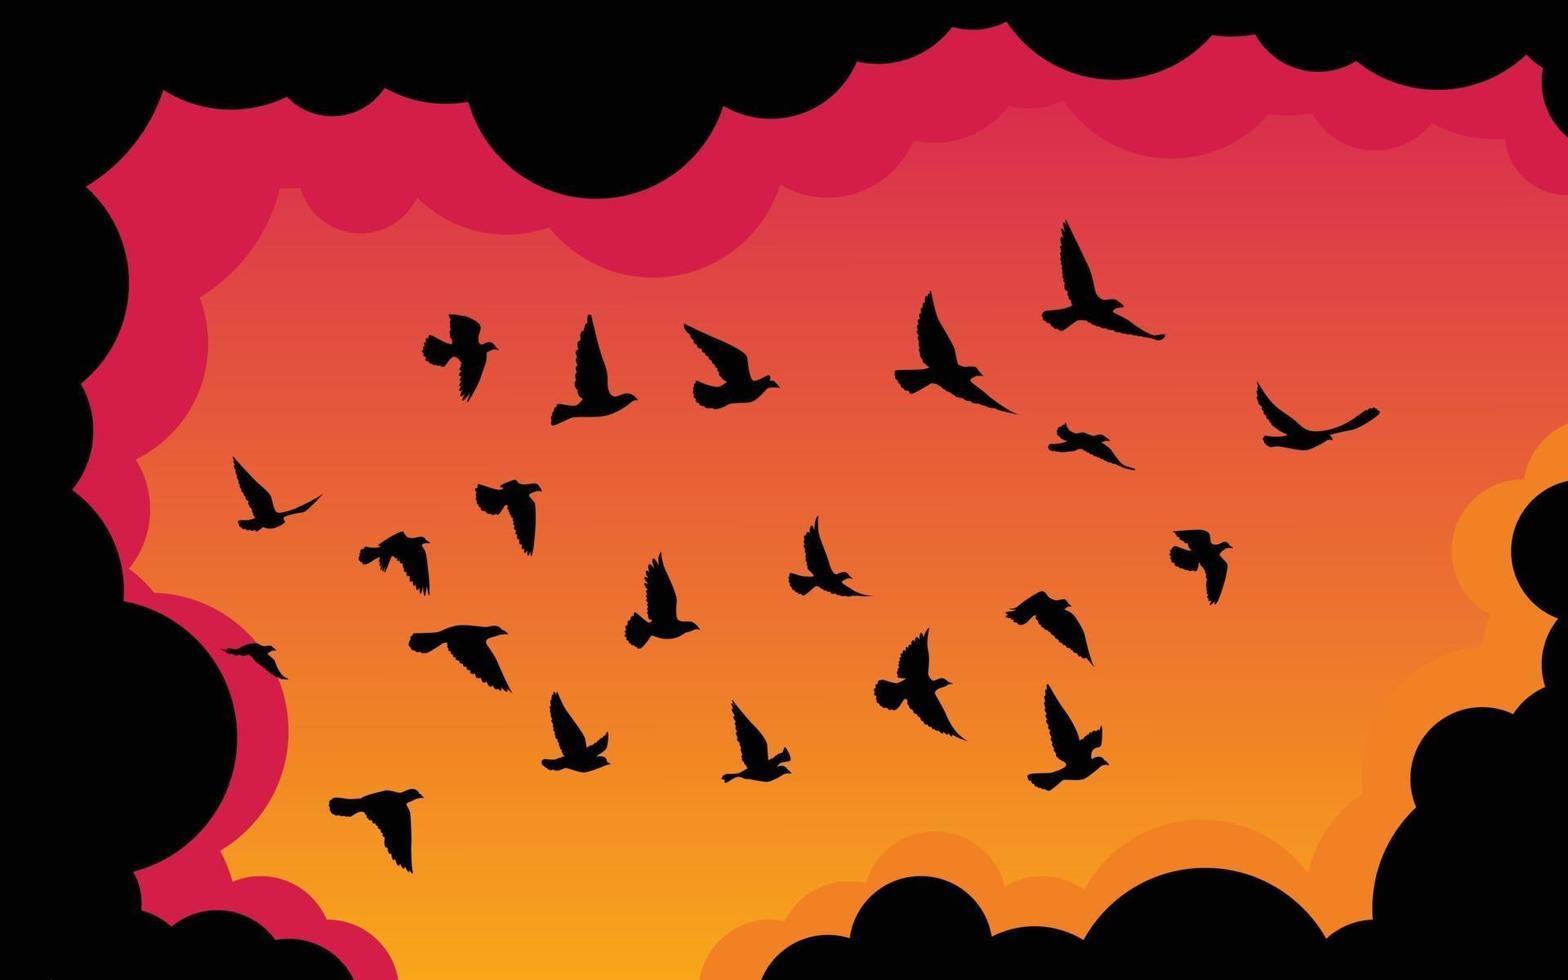 fliegende Vögel Silhouetten Muster Tapete. Vektorillustration. isoliertes Vogelfliegen. Tattoo Design. Vorlage für Karte, Paket und Hintergrundbild. vektor